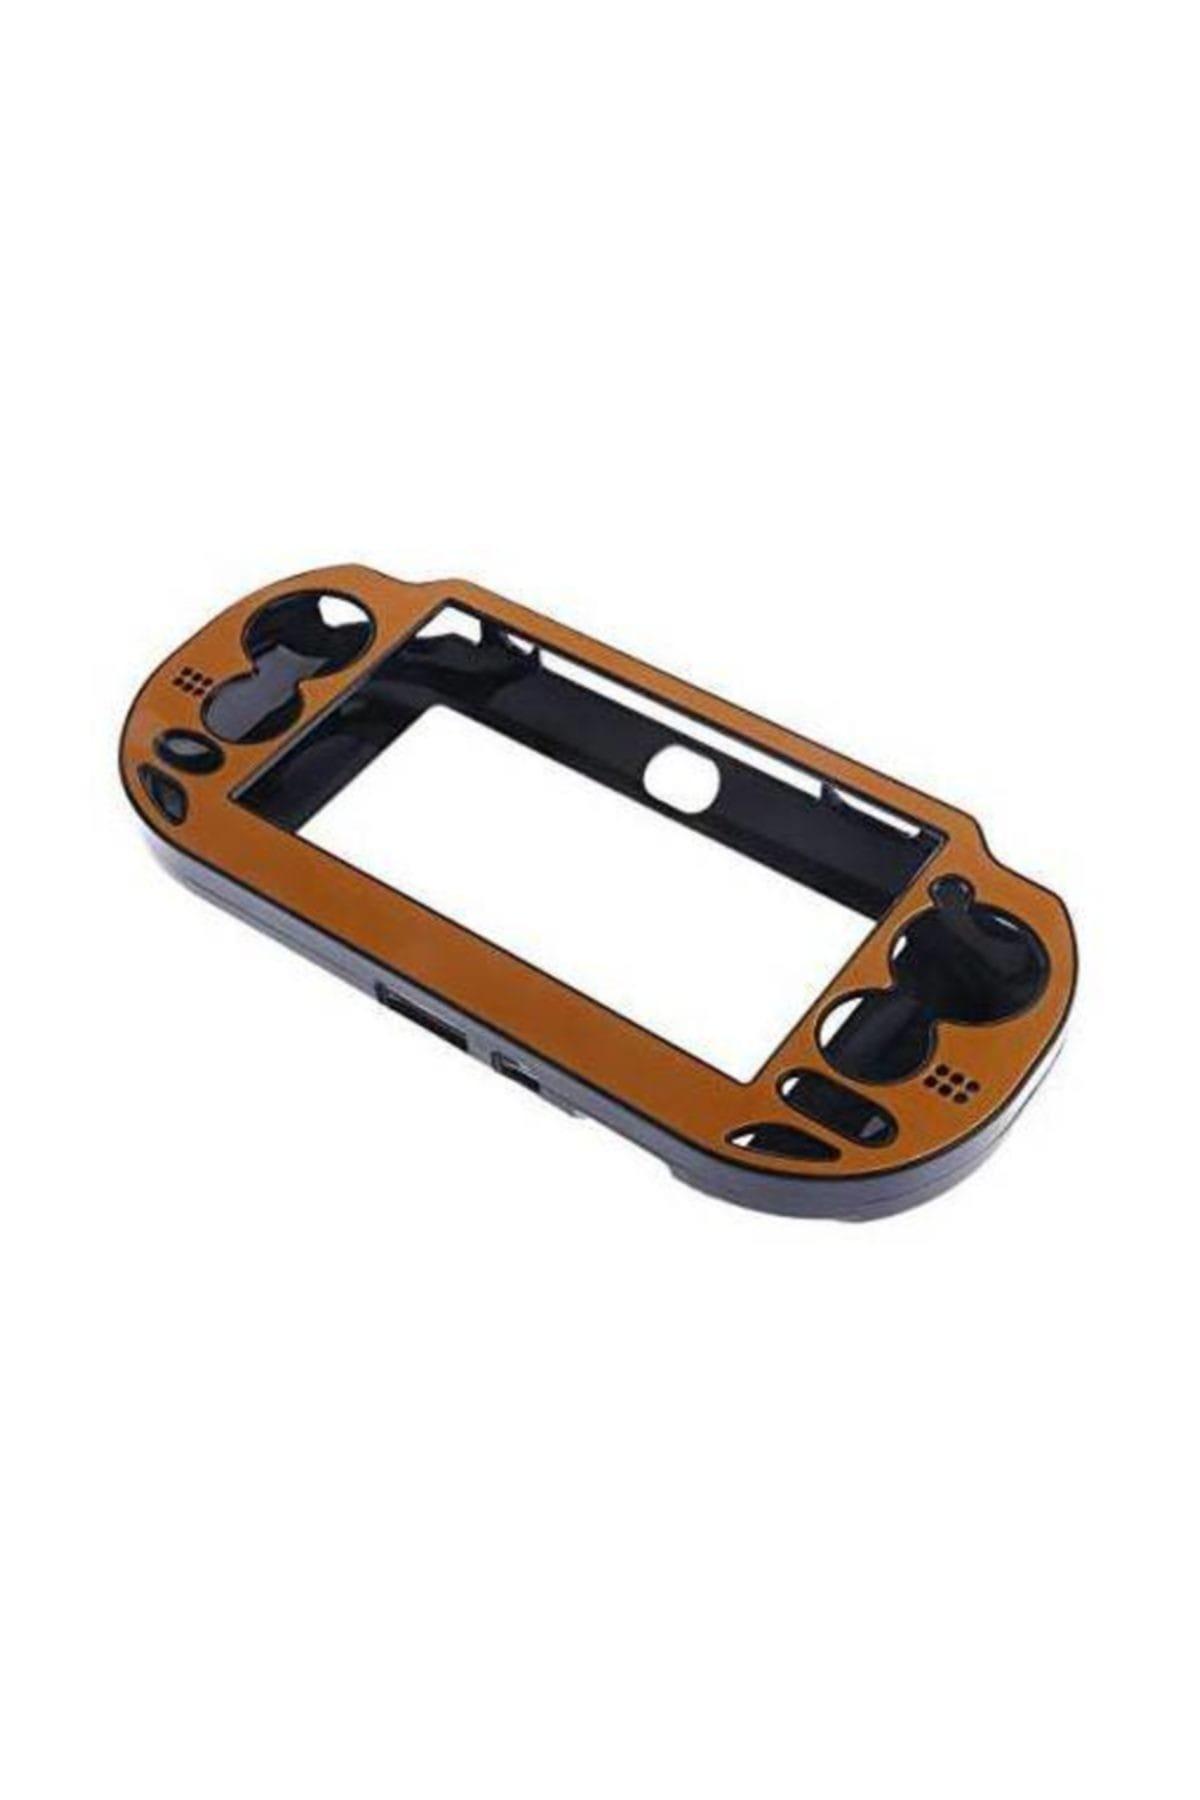 Tasco PS Vita Korumalı Taşıma Kasası - Turuncu Alüminyum 1